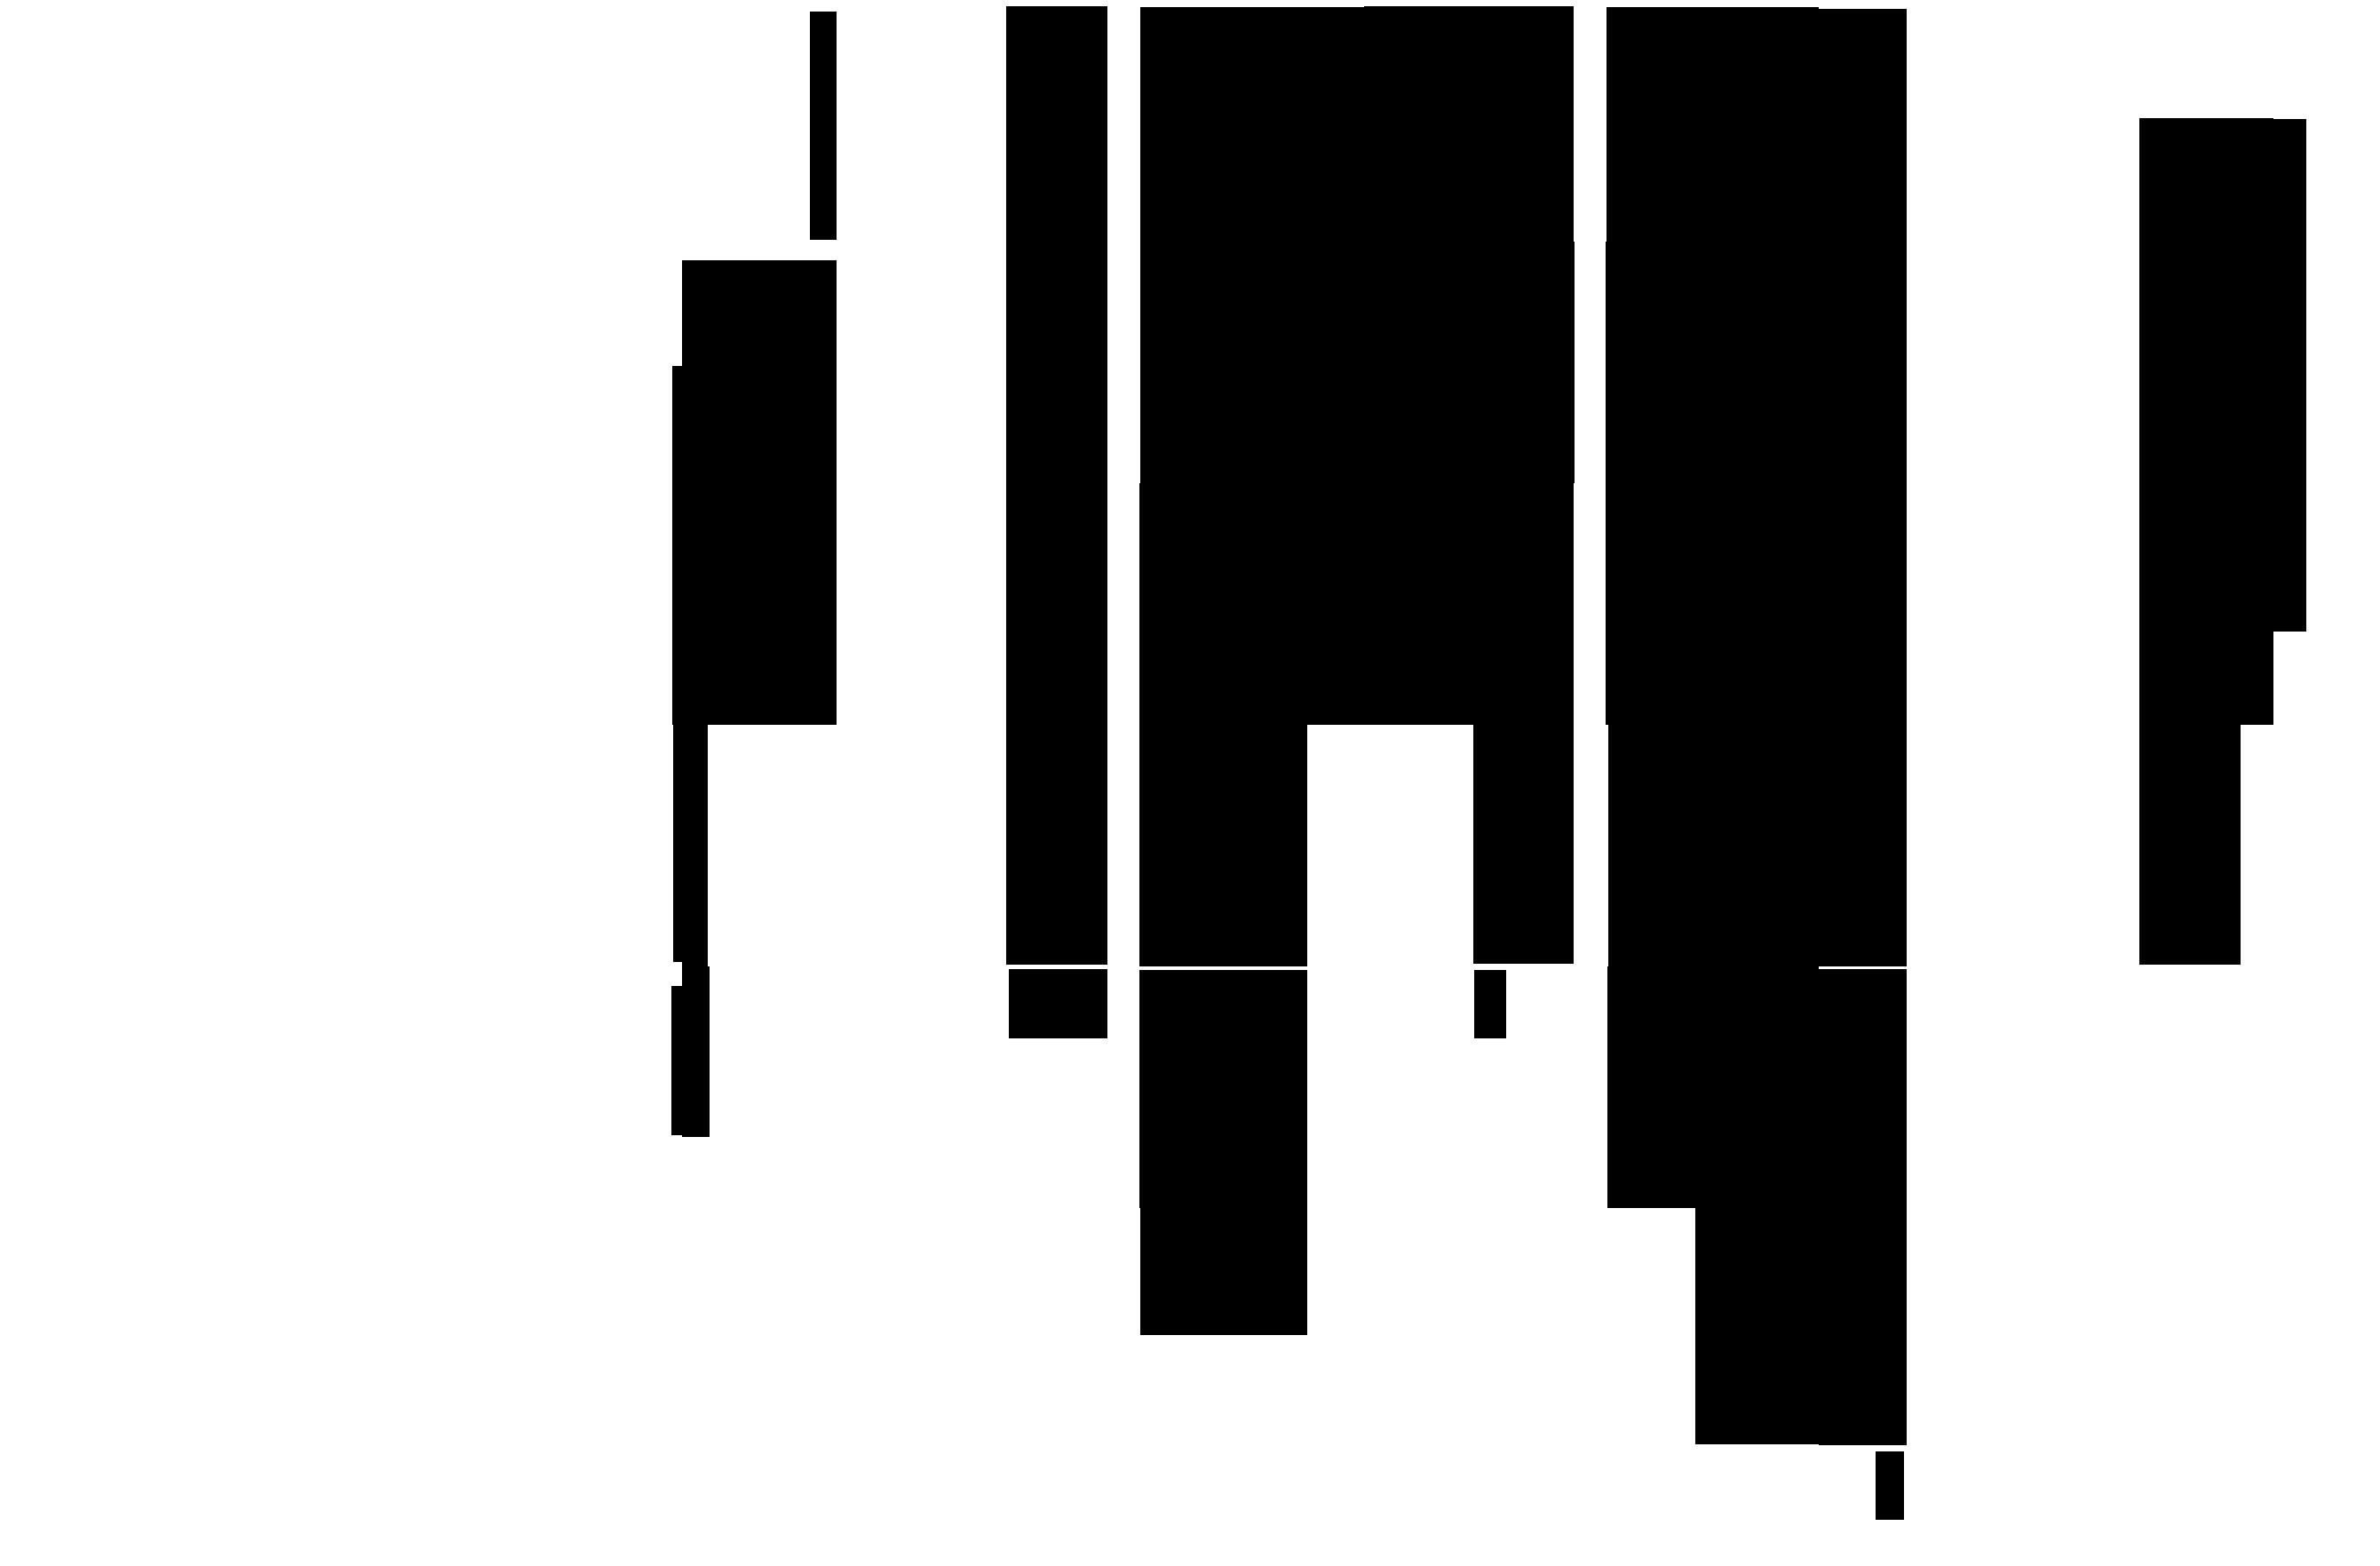 倉田詩131220-2